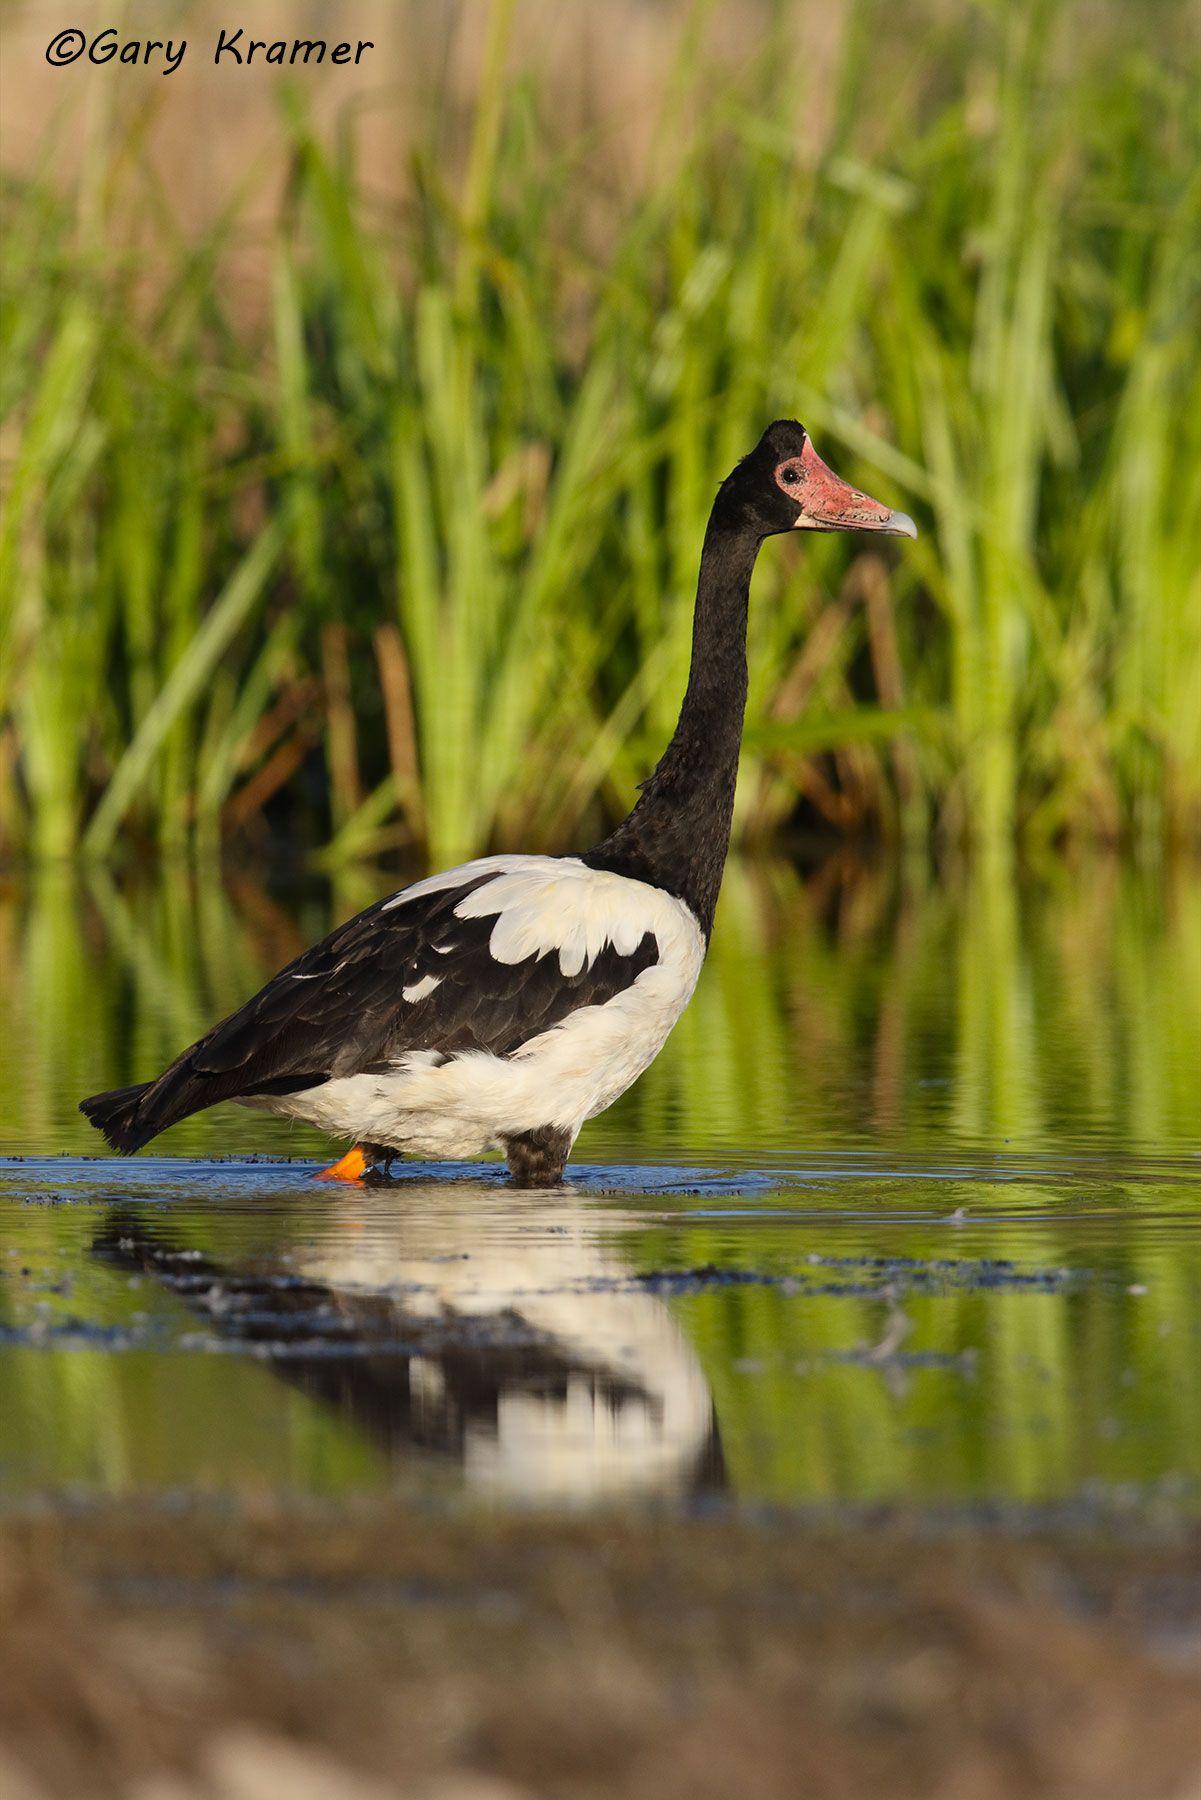 Magpie Goose (Anseranas semipalmata) Australia - OWBGm#045d